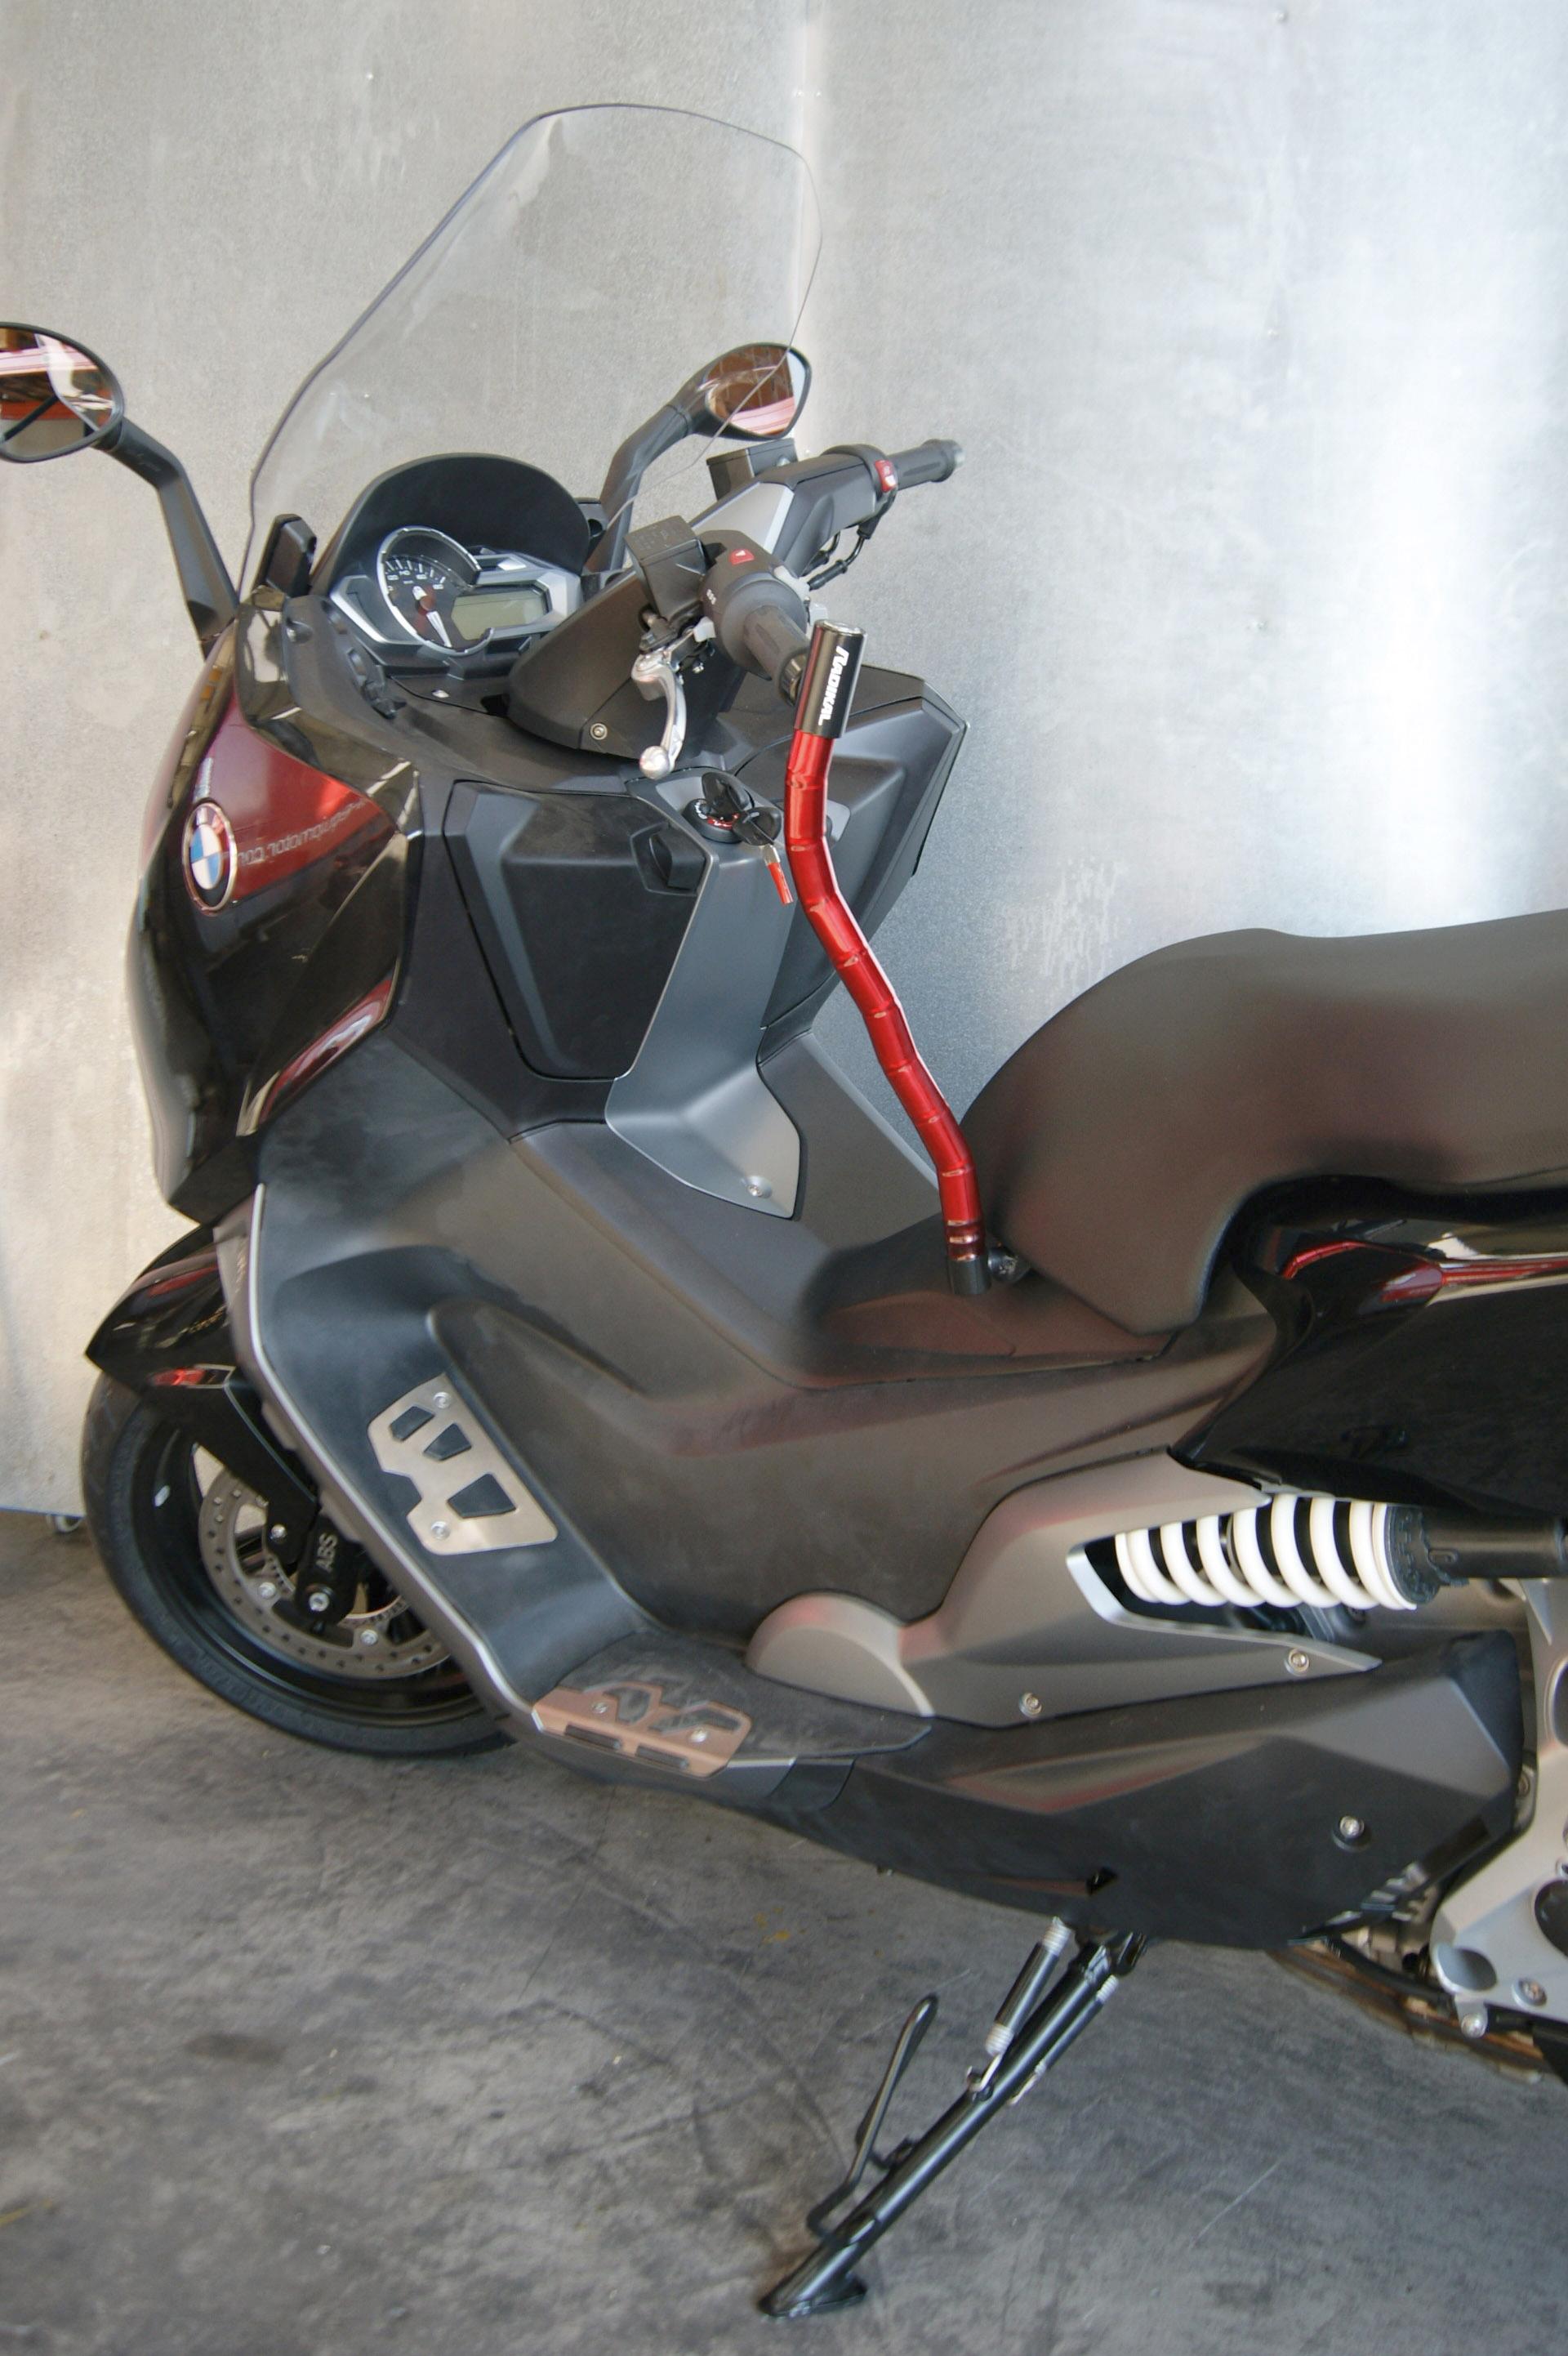 cadenas scooter et casque bmw c600sport pratique et s r accessoires moto hornig accessoire. Black Bedroom Furniture Sets. Home Design Ideas